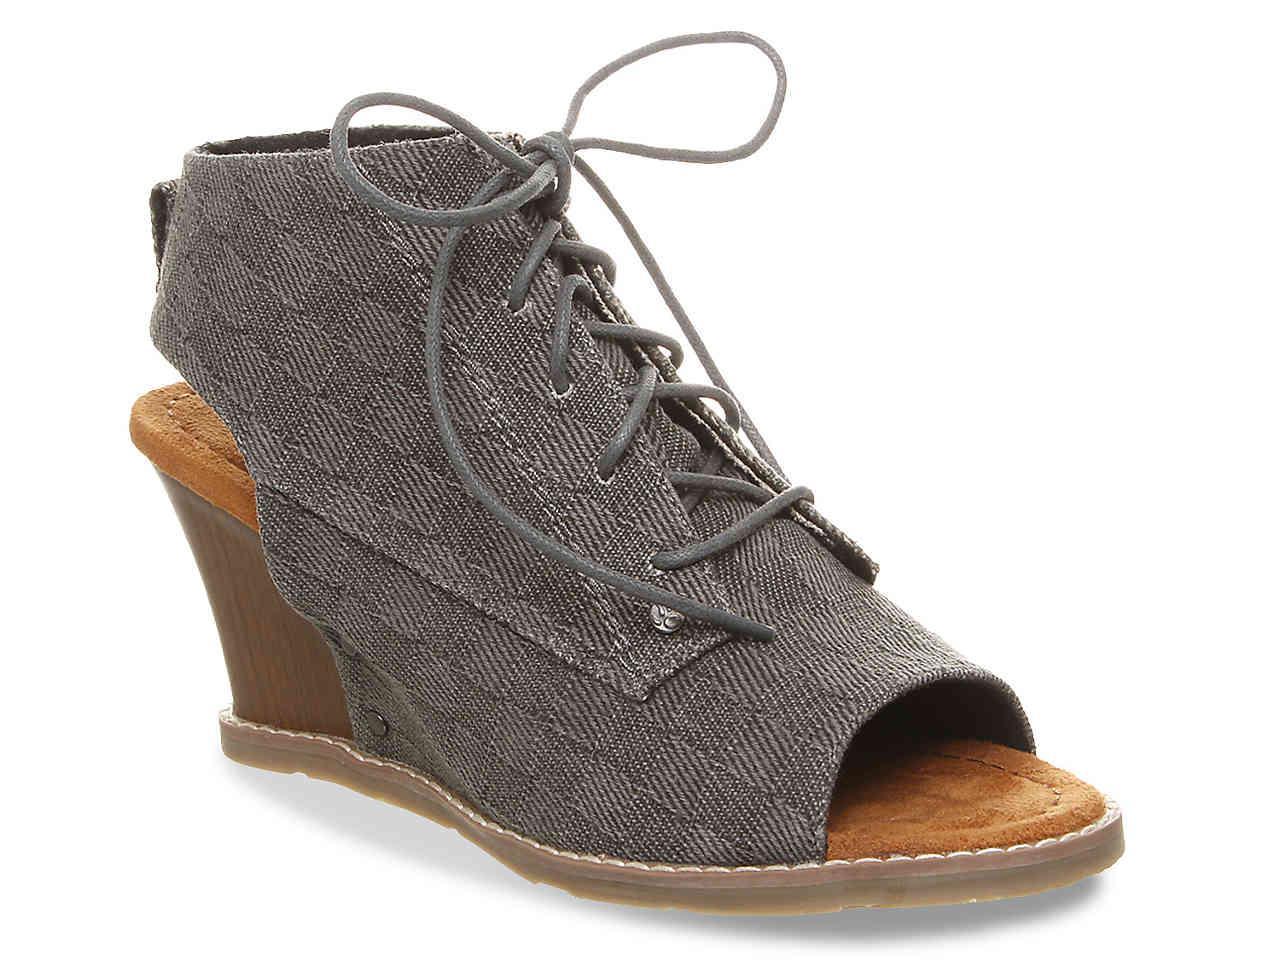 6877a5bd36 Lyst - BEARPAW Aracelli Wedge Sandal in Gray